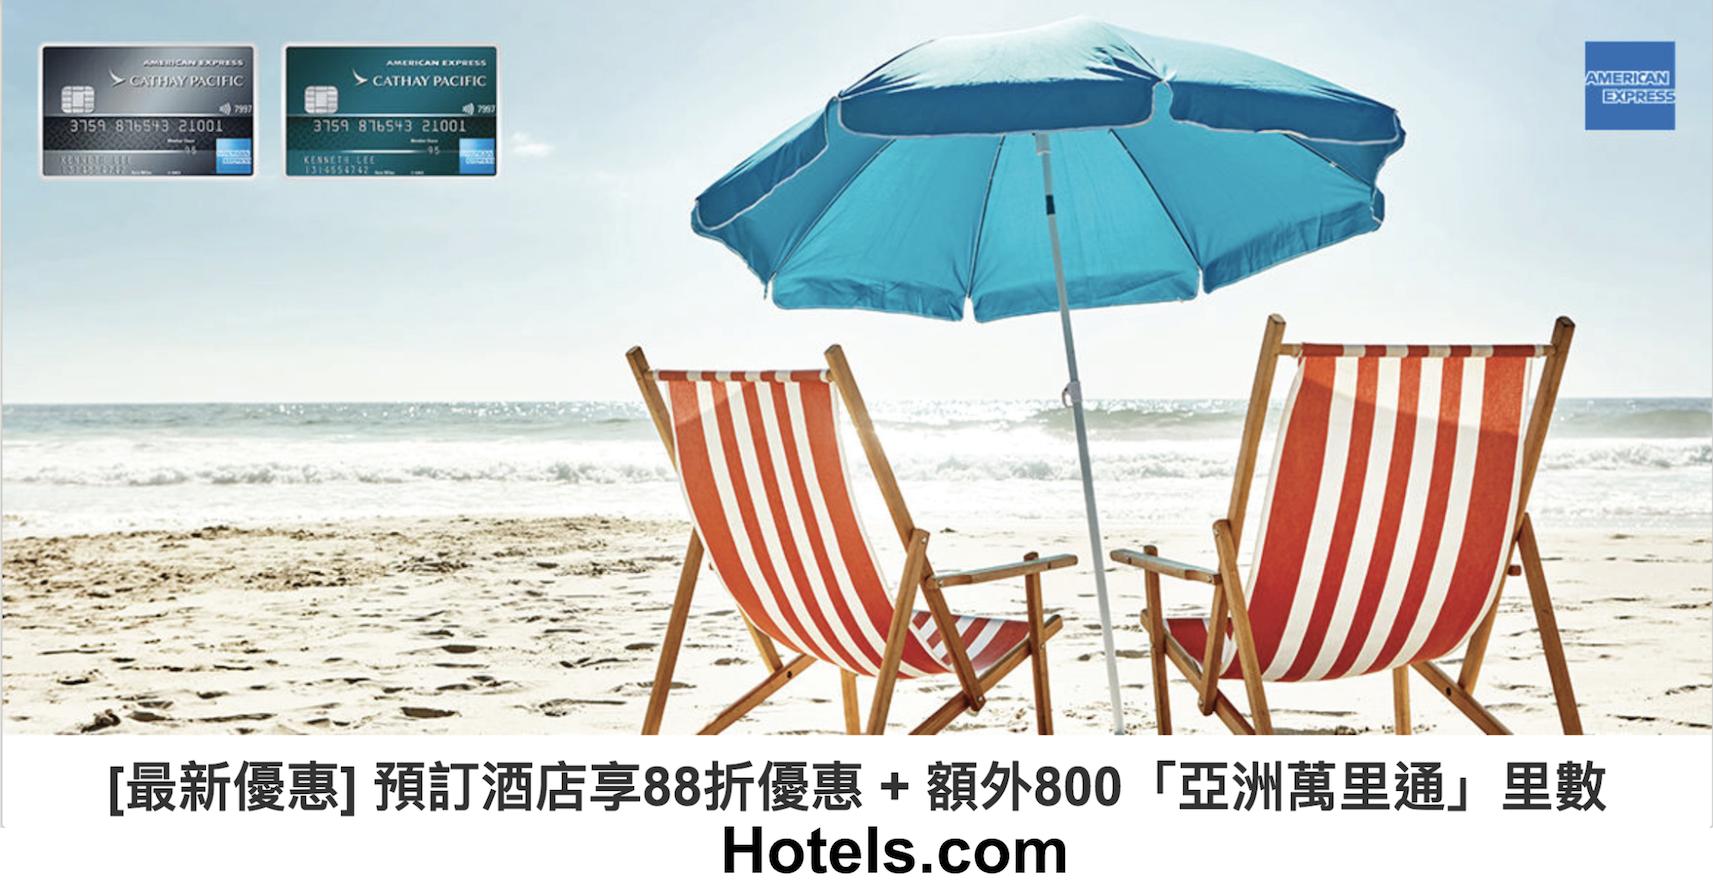 美國運通國泰航空信用卡Hotels.com 88折優惠 + 訂夠$1,500有800「亞洲萬里通」里數!